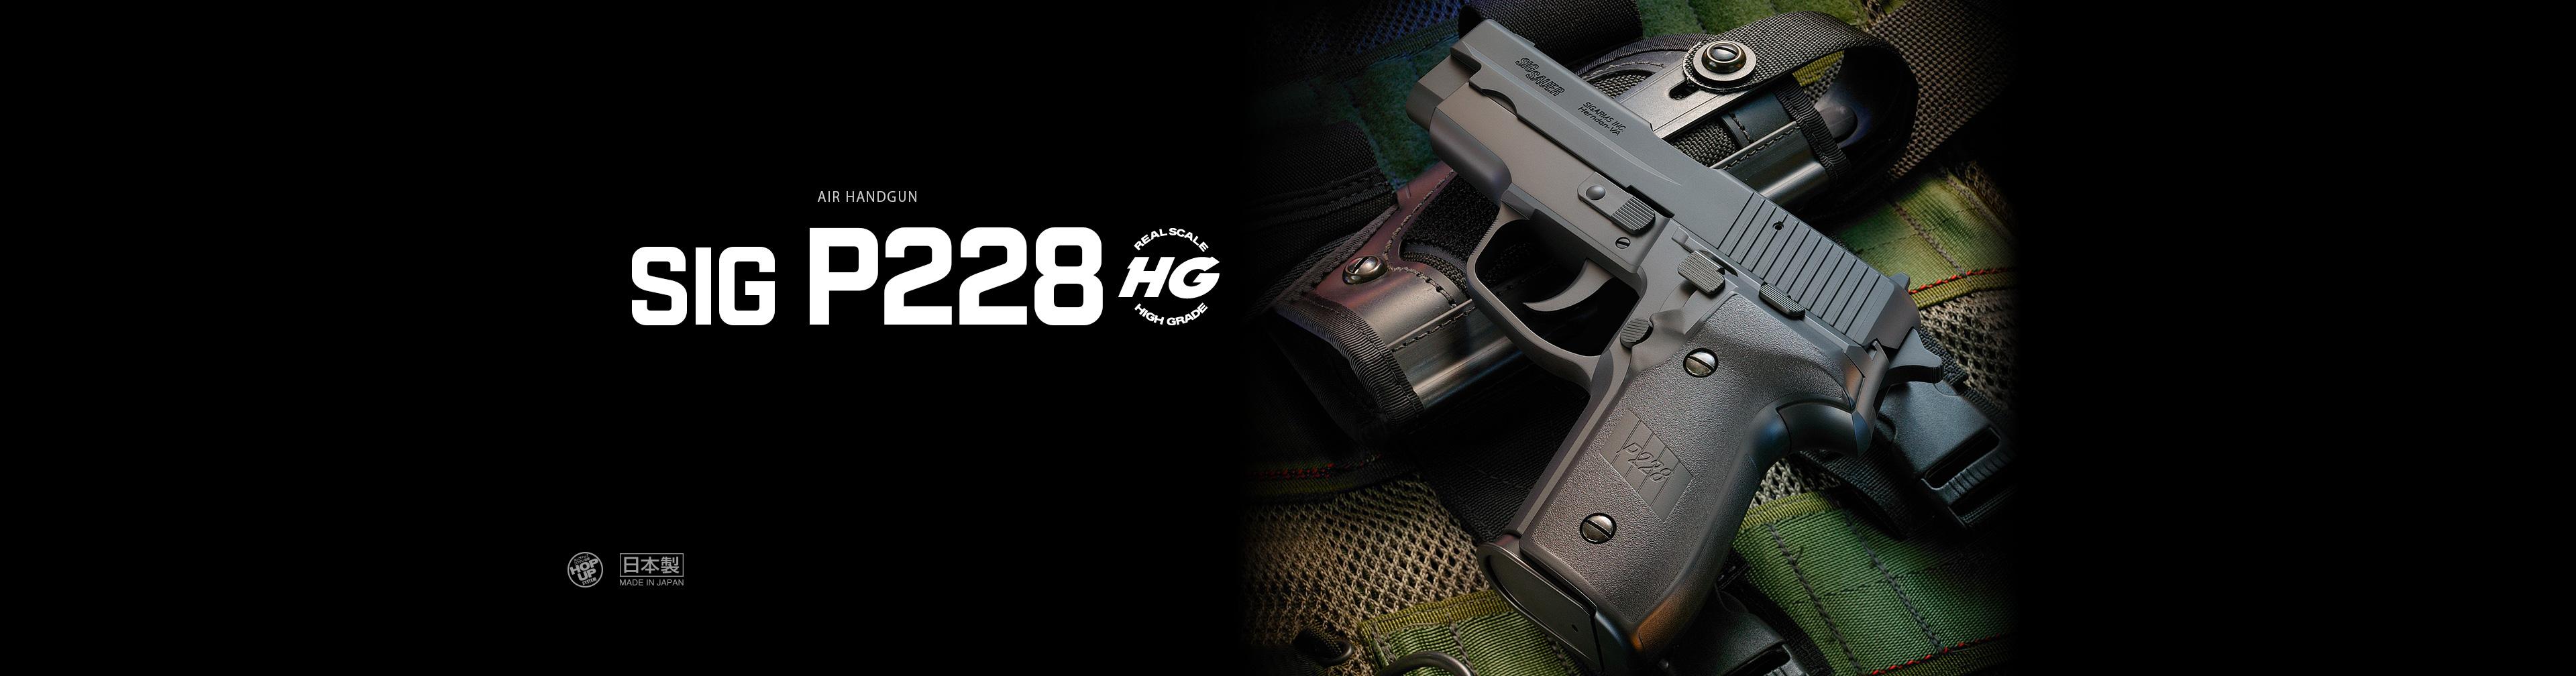 シグ・ザウエル P228【ハイグレード/ホップアップ】